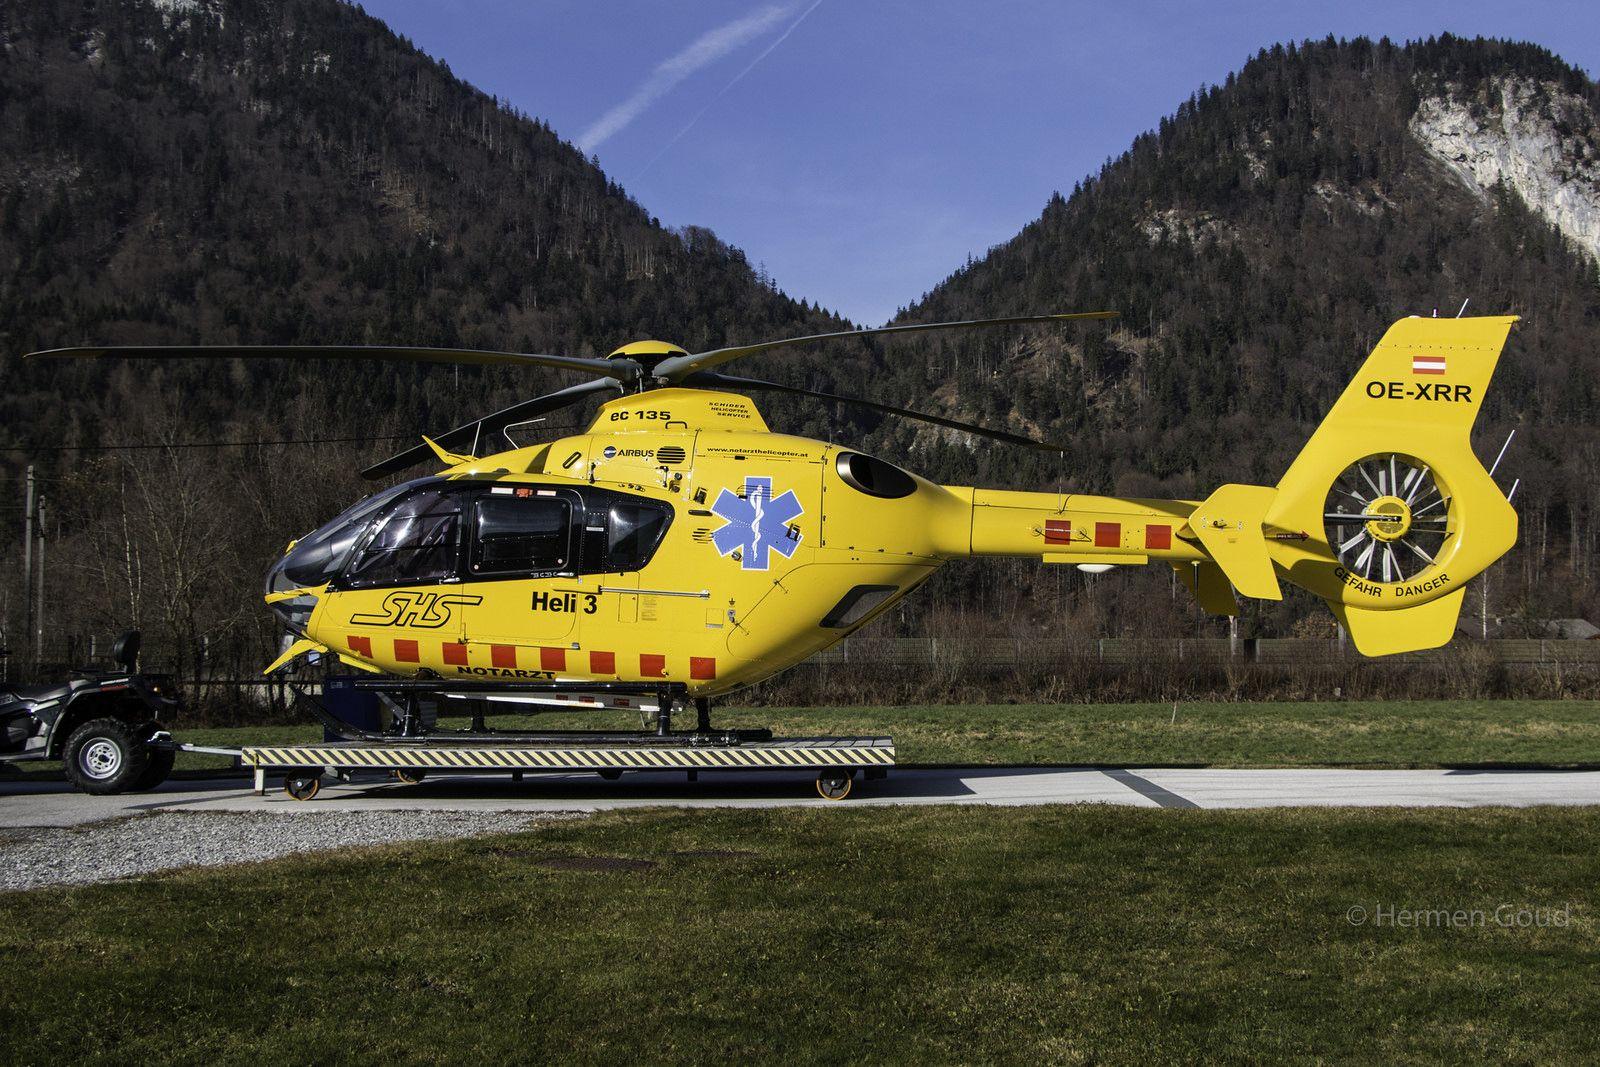 https://flic.kr/p/QRuhE1 | 2016 Tirol : EC-135P2 OE-XRR SHS Flugrettung Heli3 | Kufstein